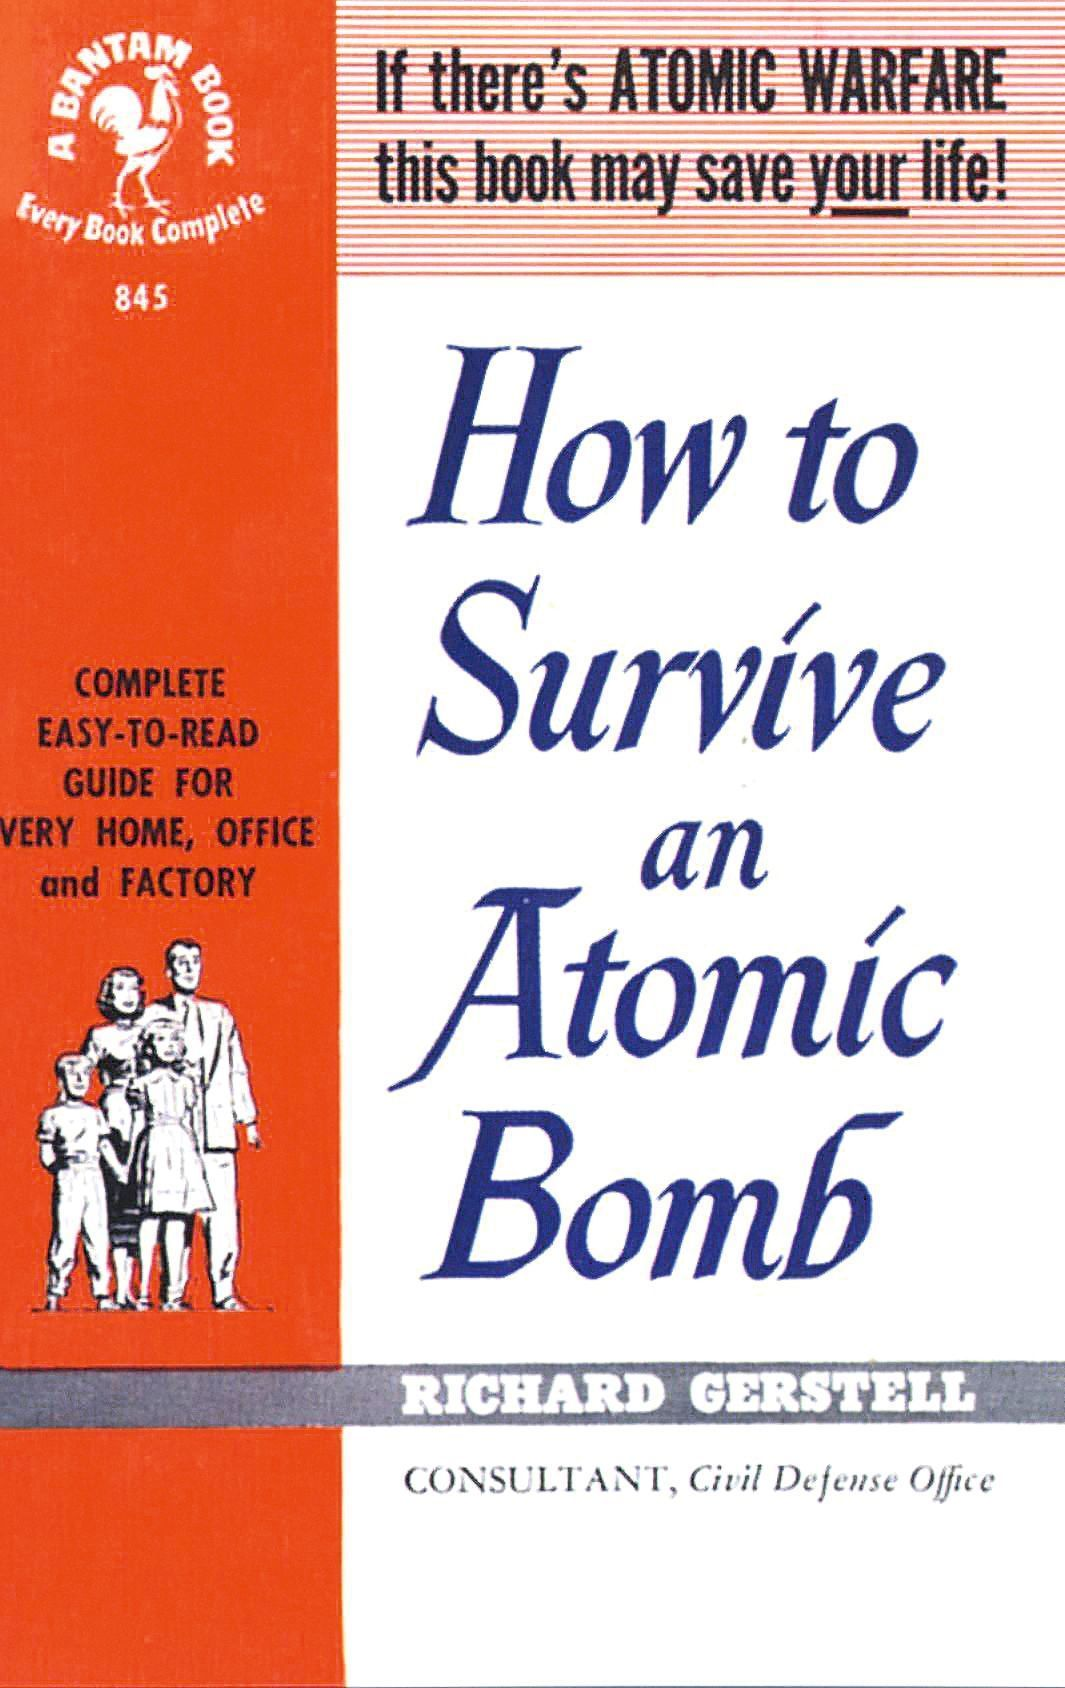 Couverture d'un livre américain, 1950